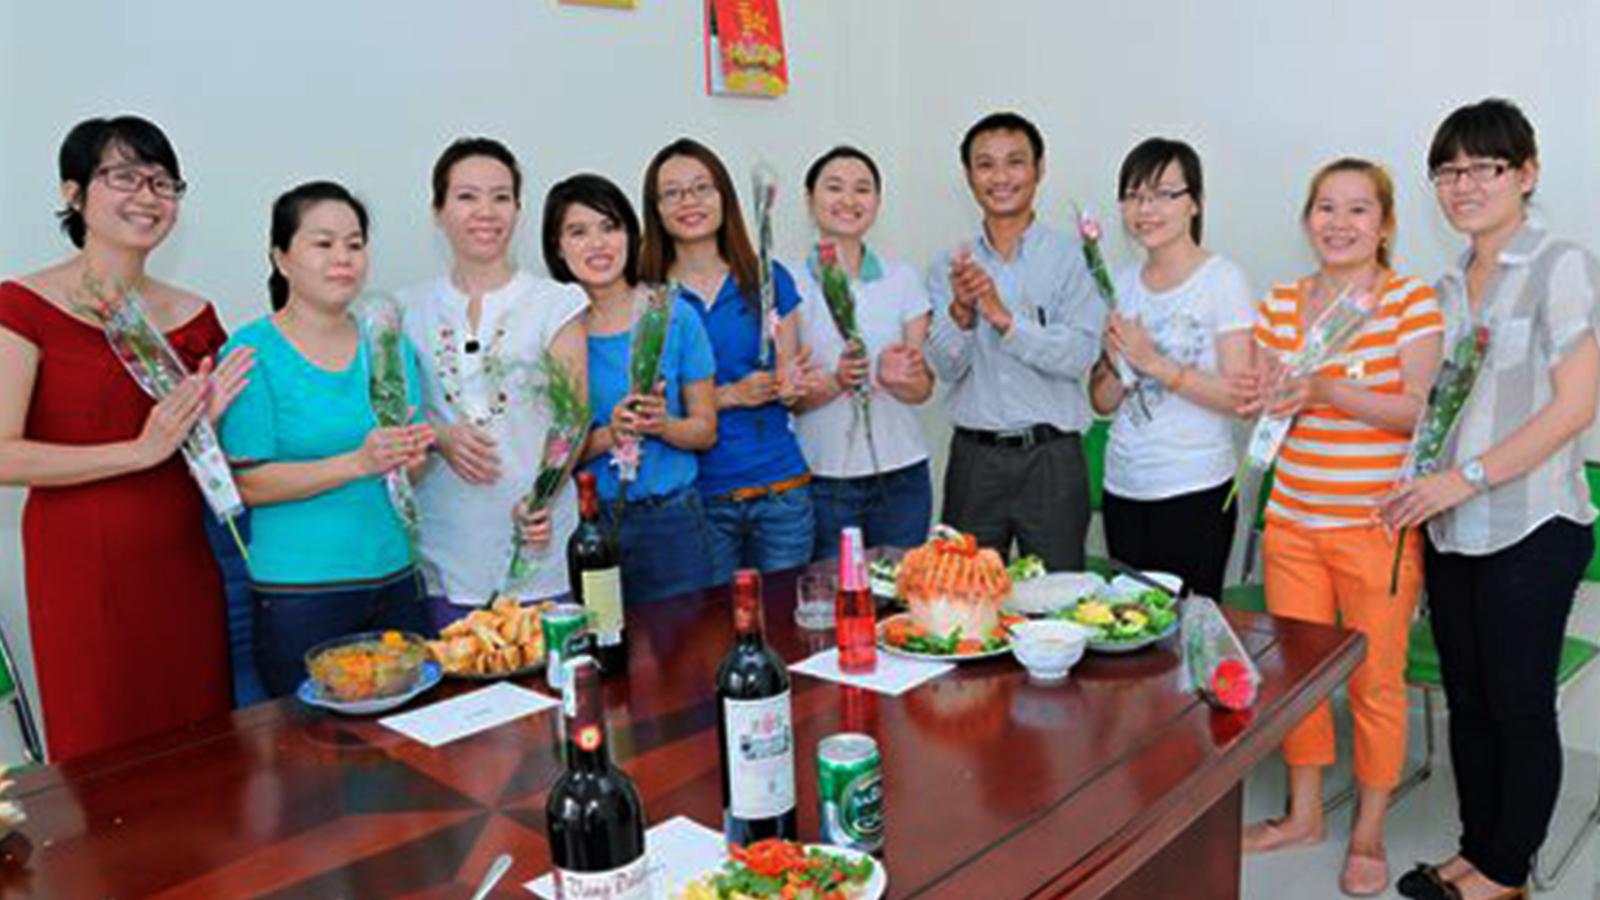 Hội thi nấu ăn mừng ngày Quốc tế Phụ nữ 08/03/2014